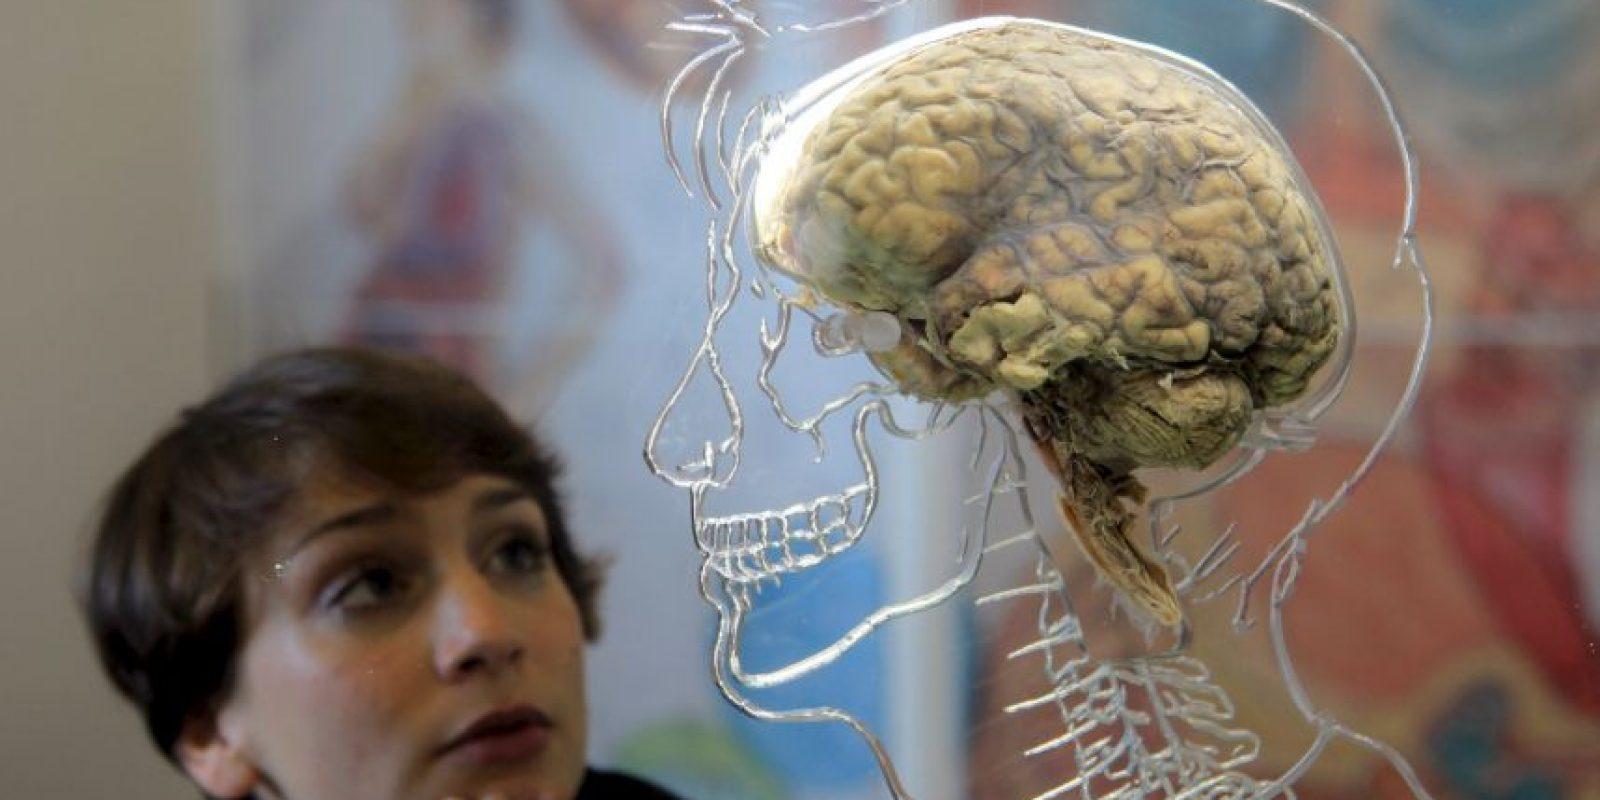 Aunque afecta principalmente a las personas mayores, la demencia no constituye una consecuencia normal del envejecimiento. Foto:Getty Images